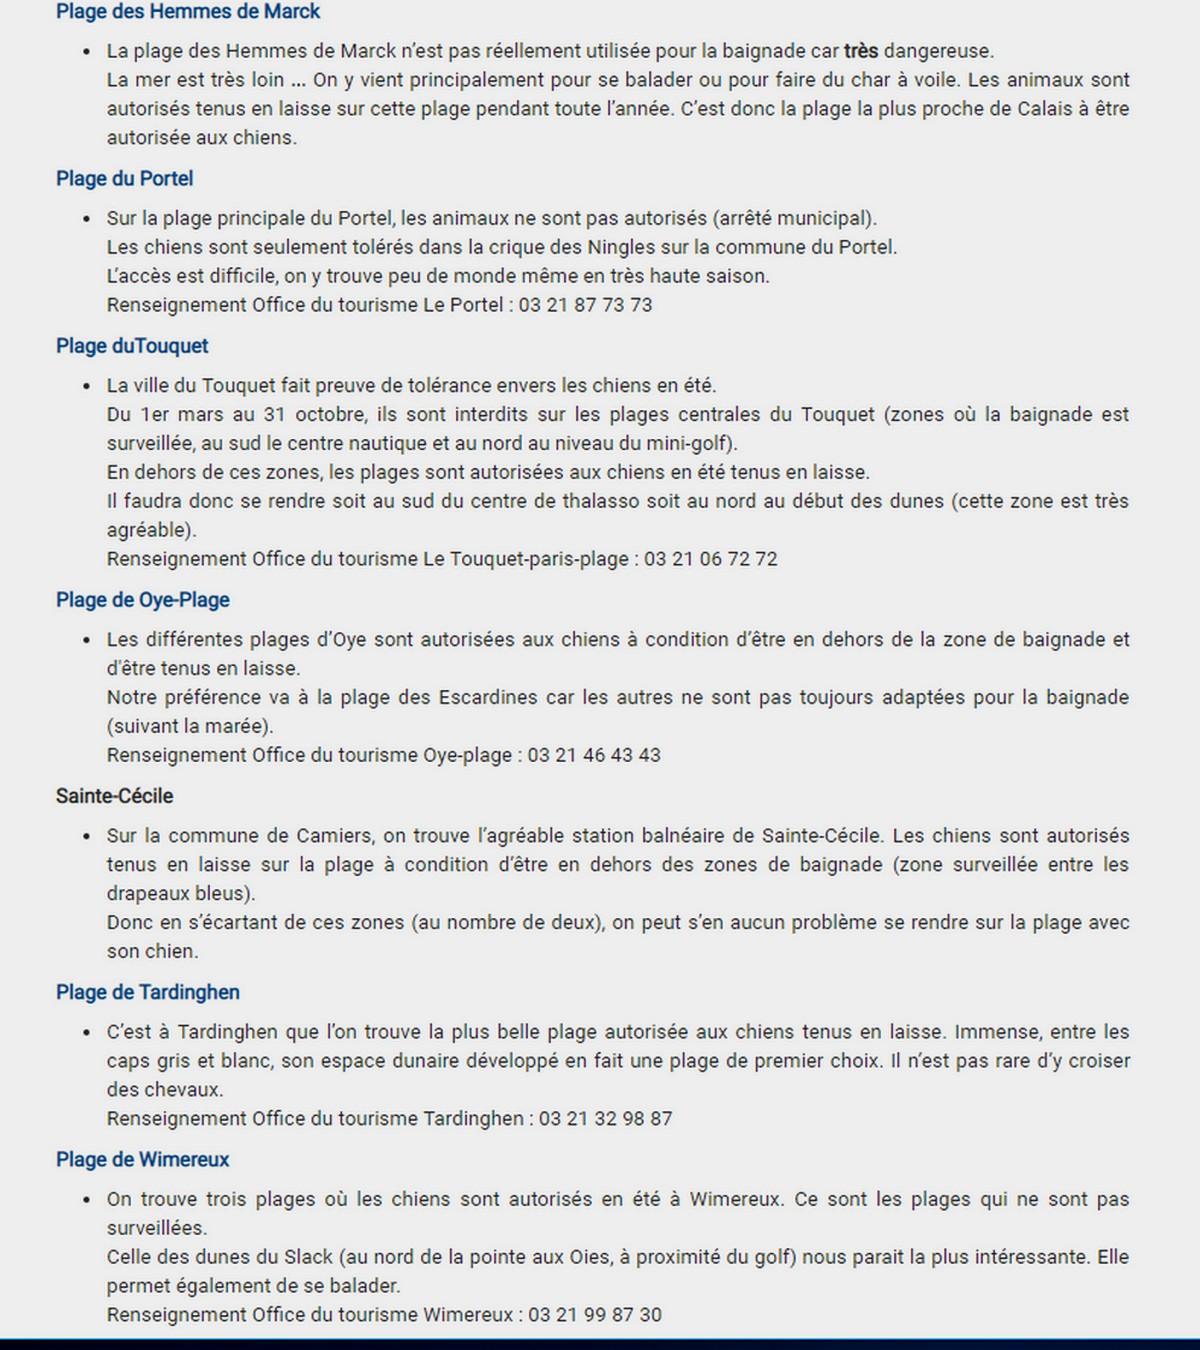 Plages autorisées aux chiens à la côte d'Opale et en Belgique. Plages10